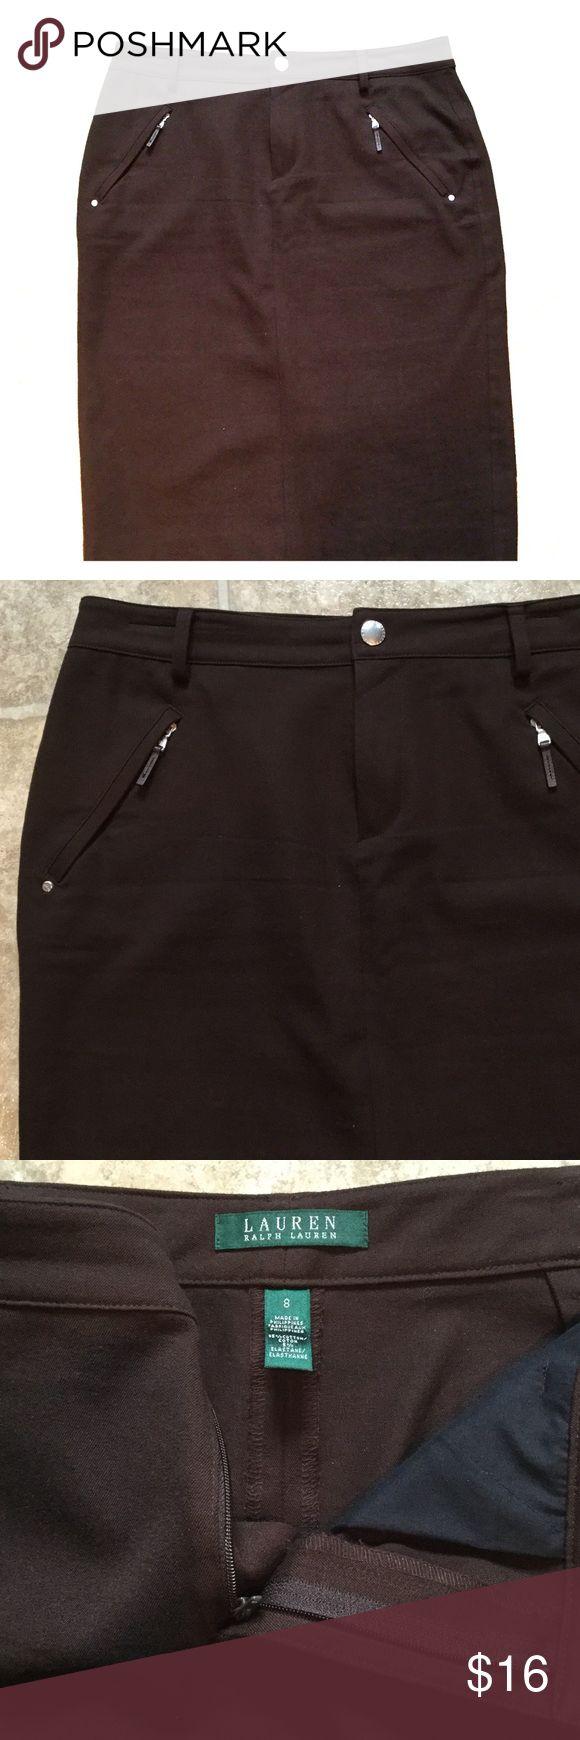 NEW 🌺 Lauren Ralph Lauren Stretch Skirt Lauren  great looking pencil stretch skirt in brown.  In great condition - cotton and spandex. Lauren Ralph Lauren Skirts Pencil